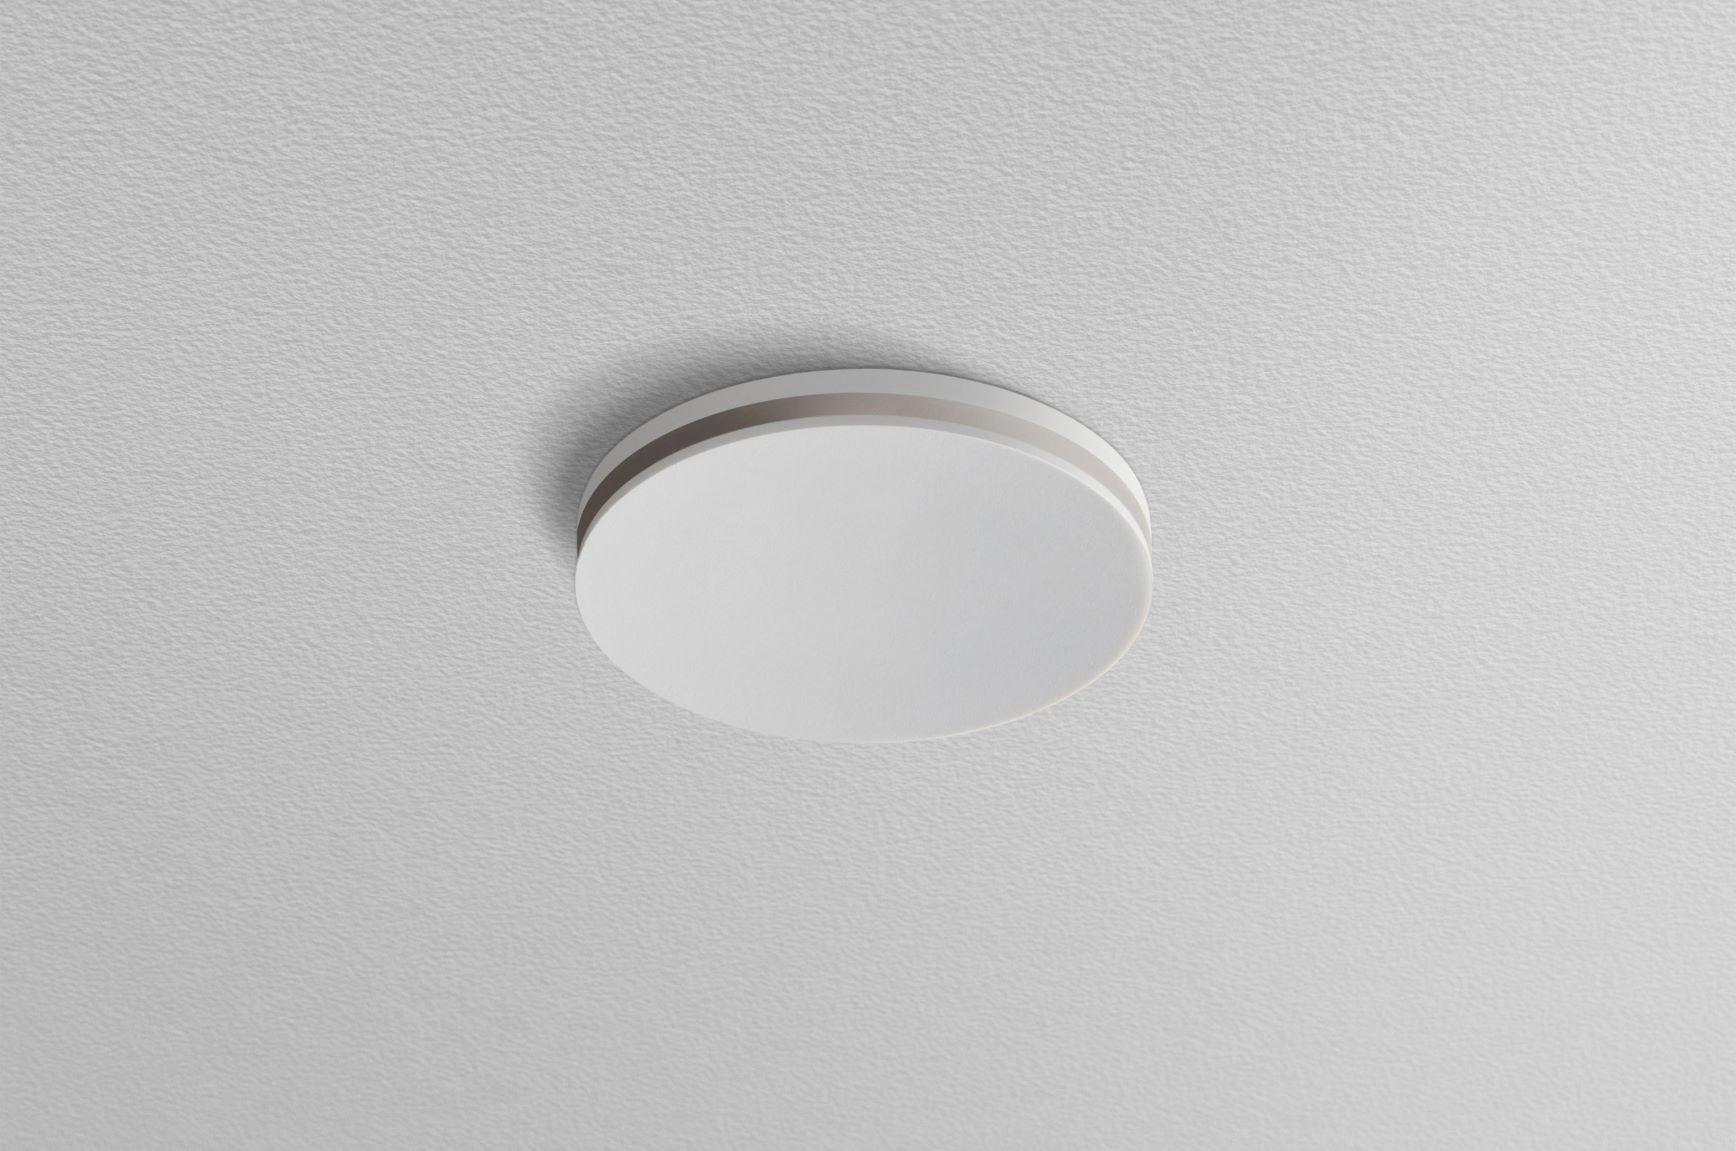 天井用温度センサ(丸形)